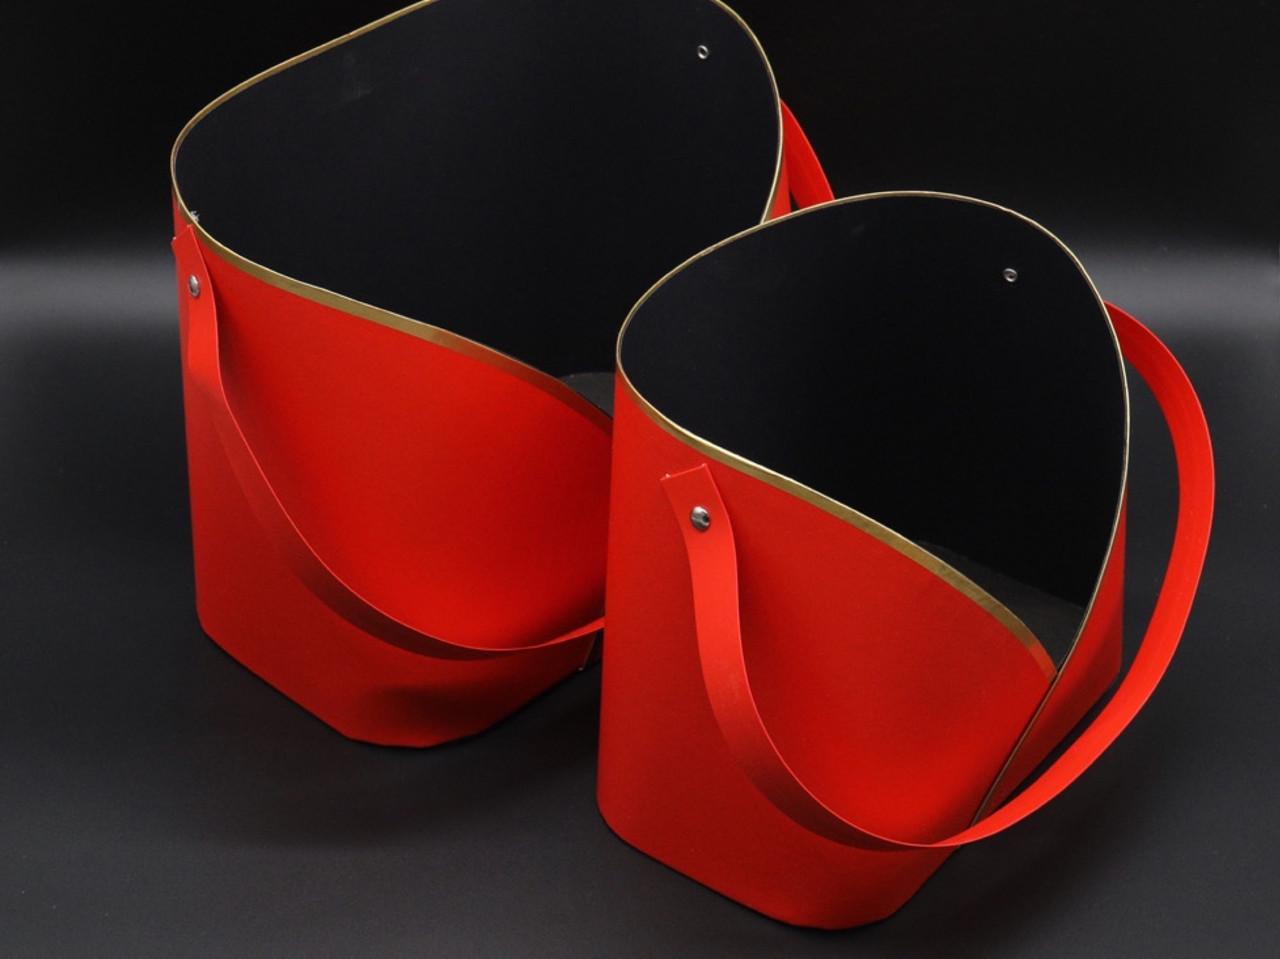 Коробки для квітів. Сумочка. Колір червоний. 2шт/комплект. 25х20х15см